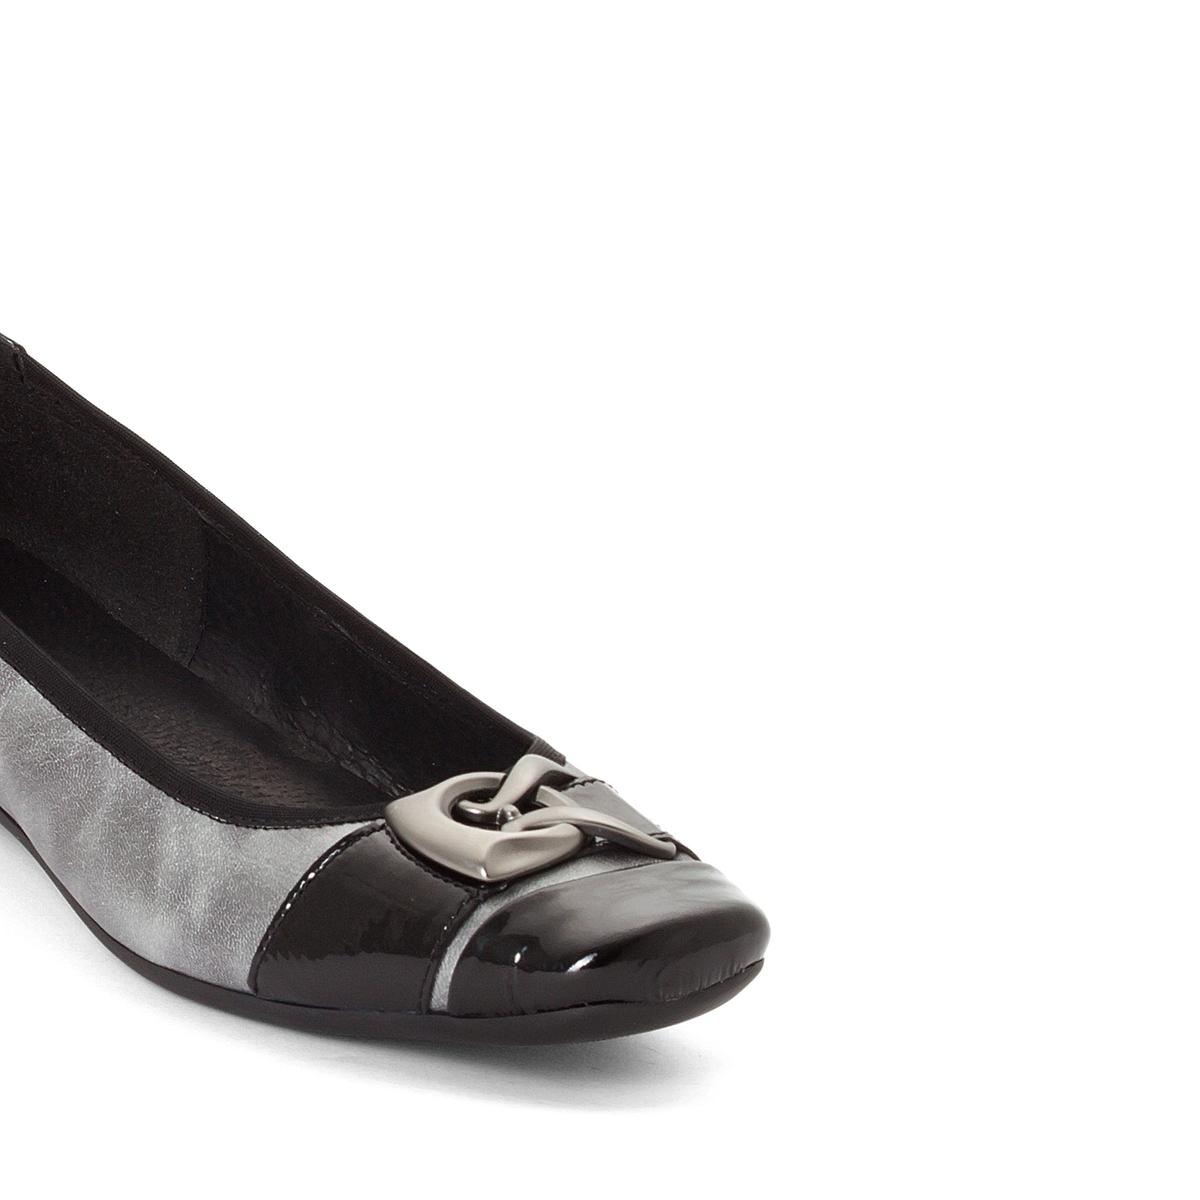 Imagen secundaria de producto de Bailarinas de piel bicolor, con tacón de cuña - Anne weyburn